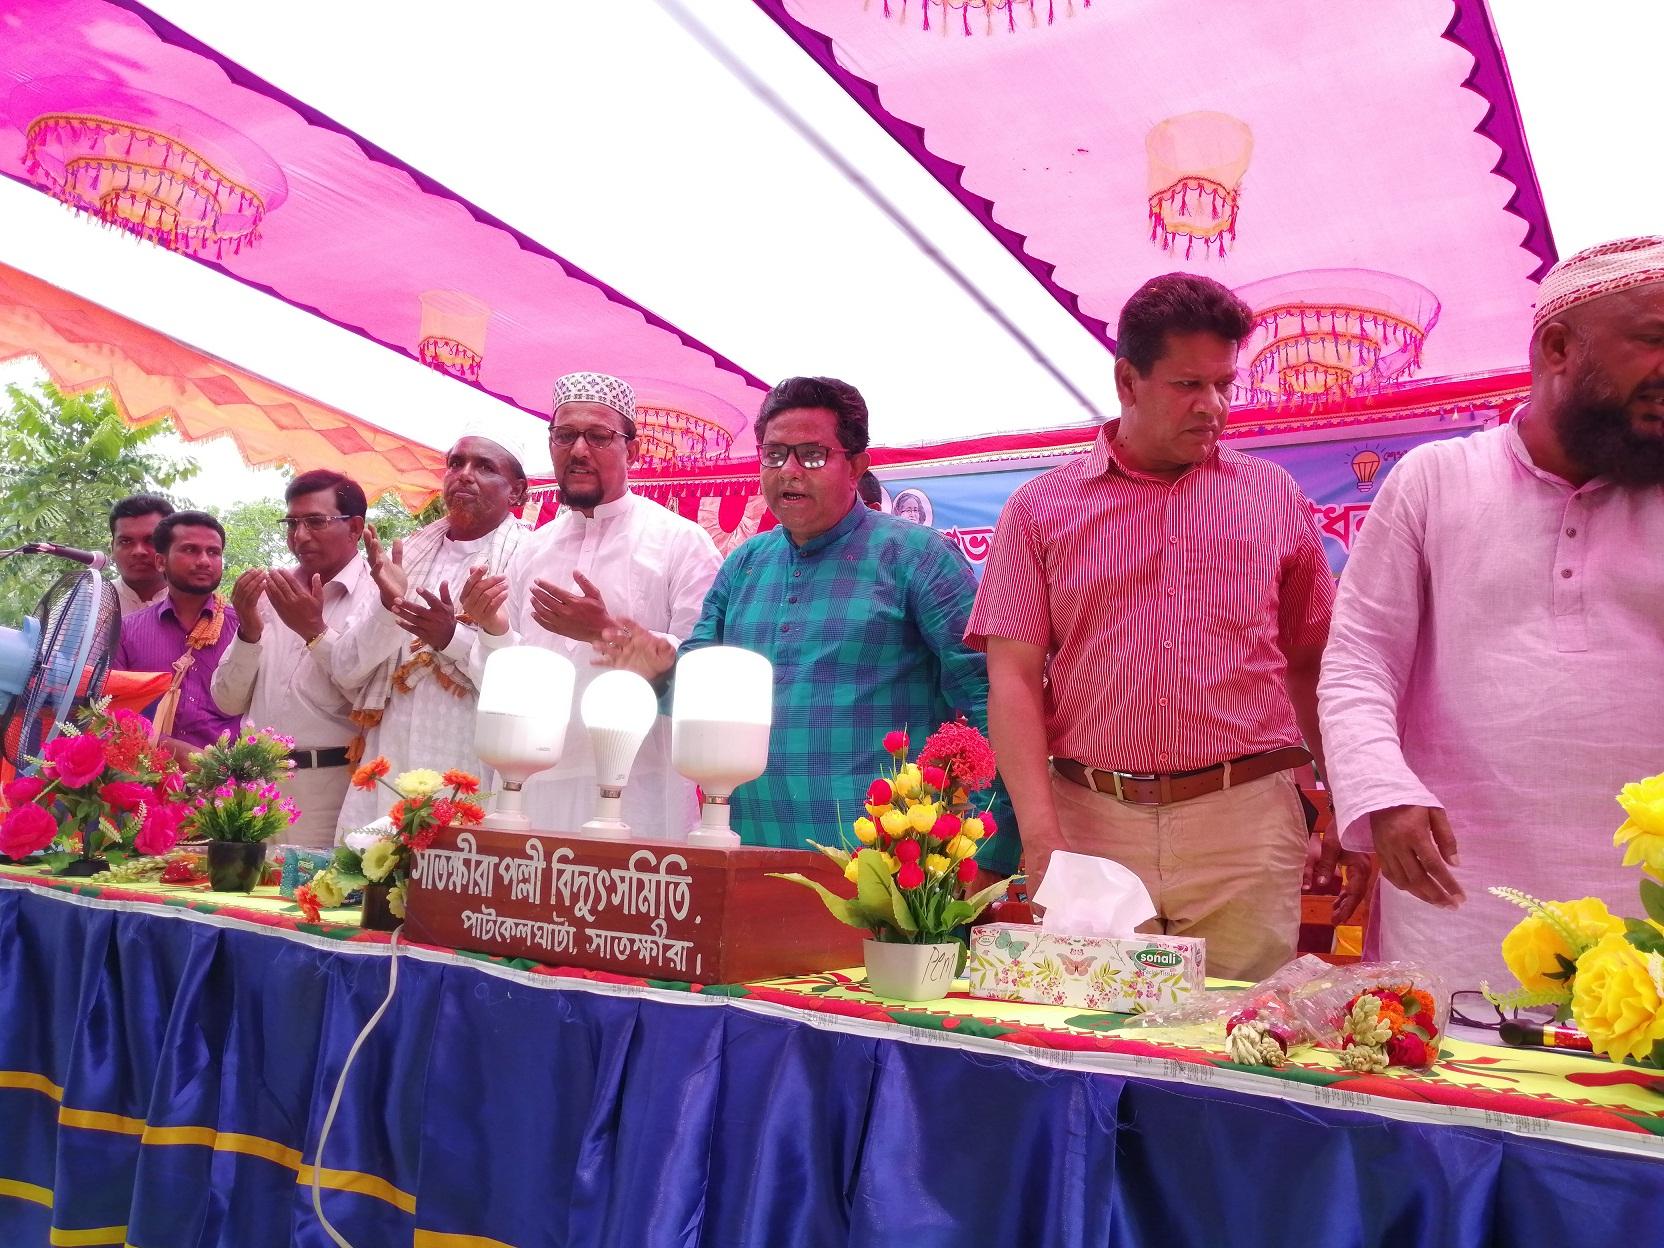 শ্যামনগরে বিদ্যুতায়নের উদ্বোধন করলেন এমপি জগলুল